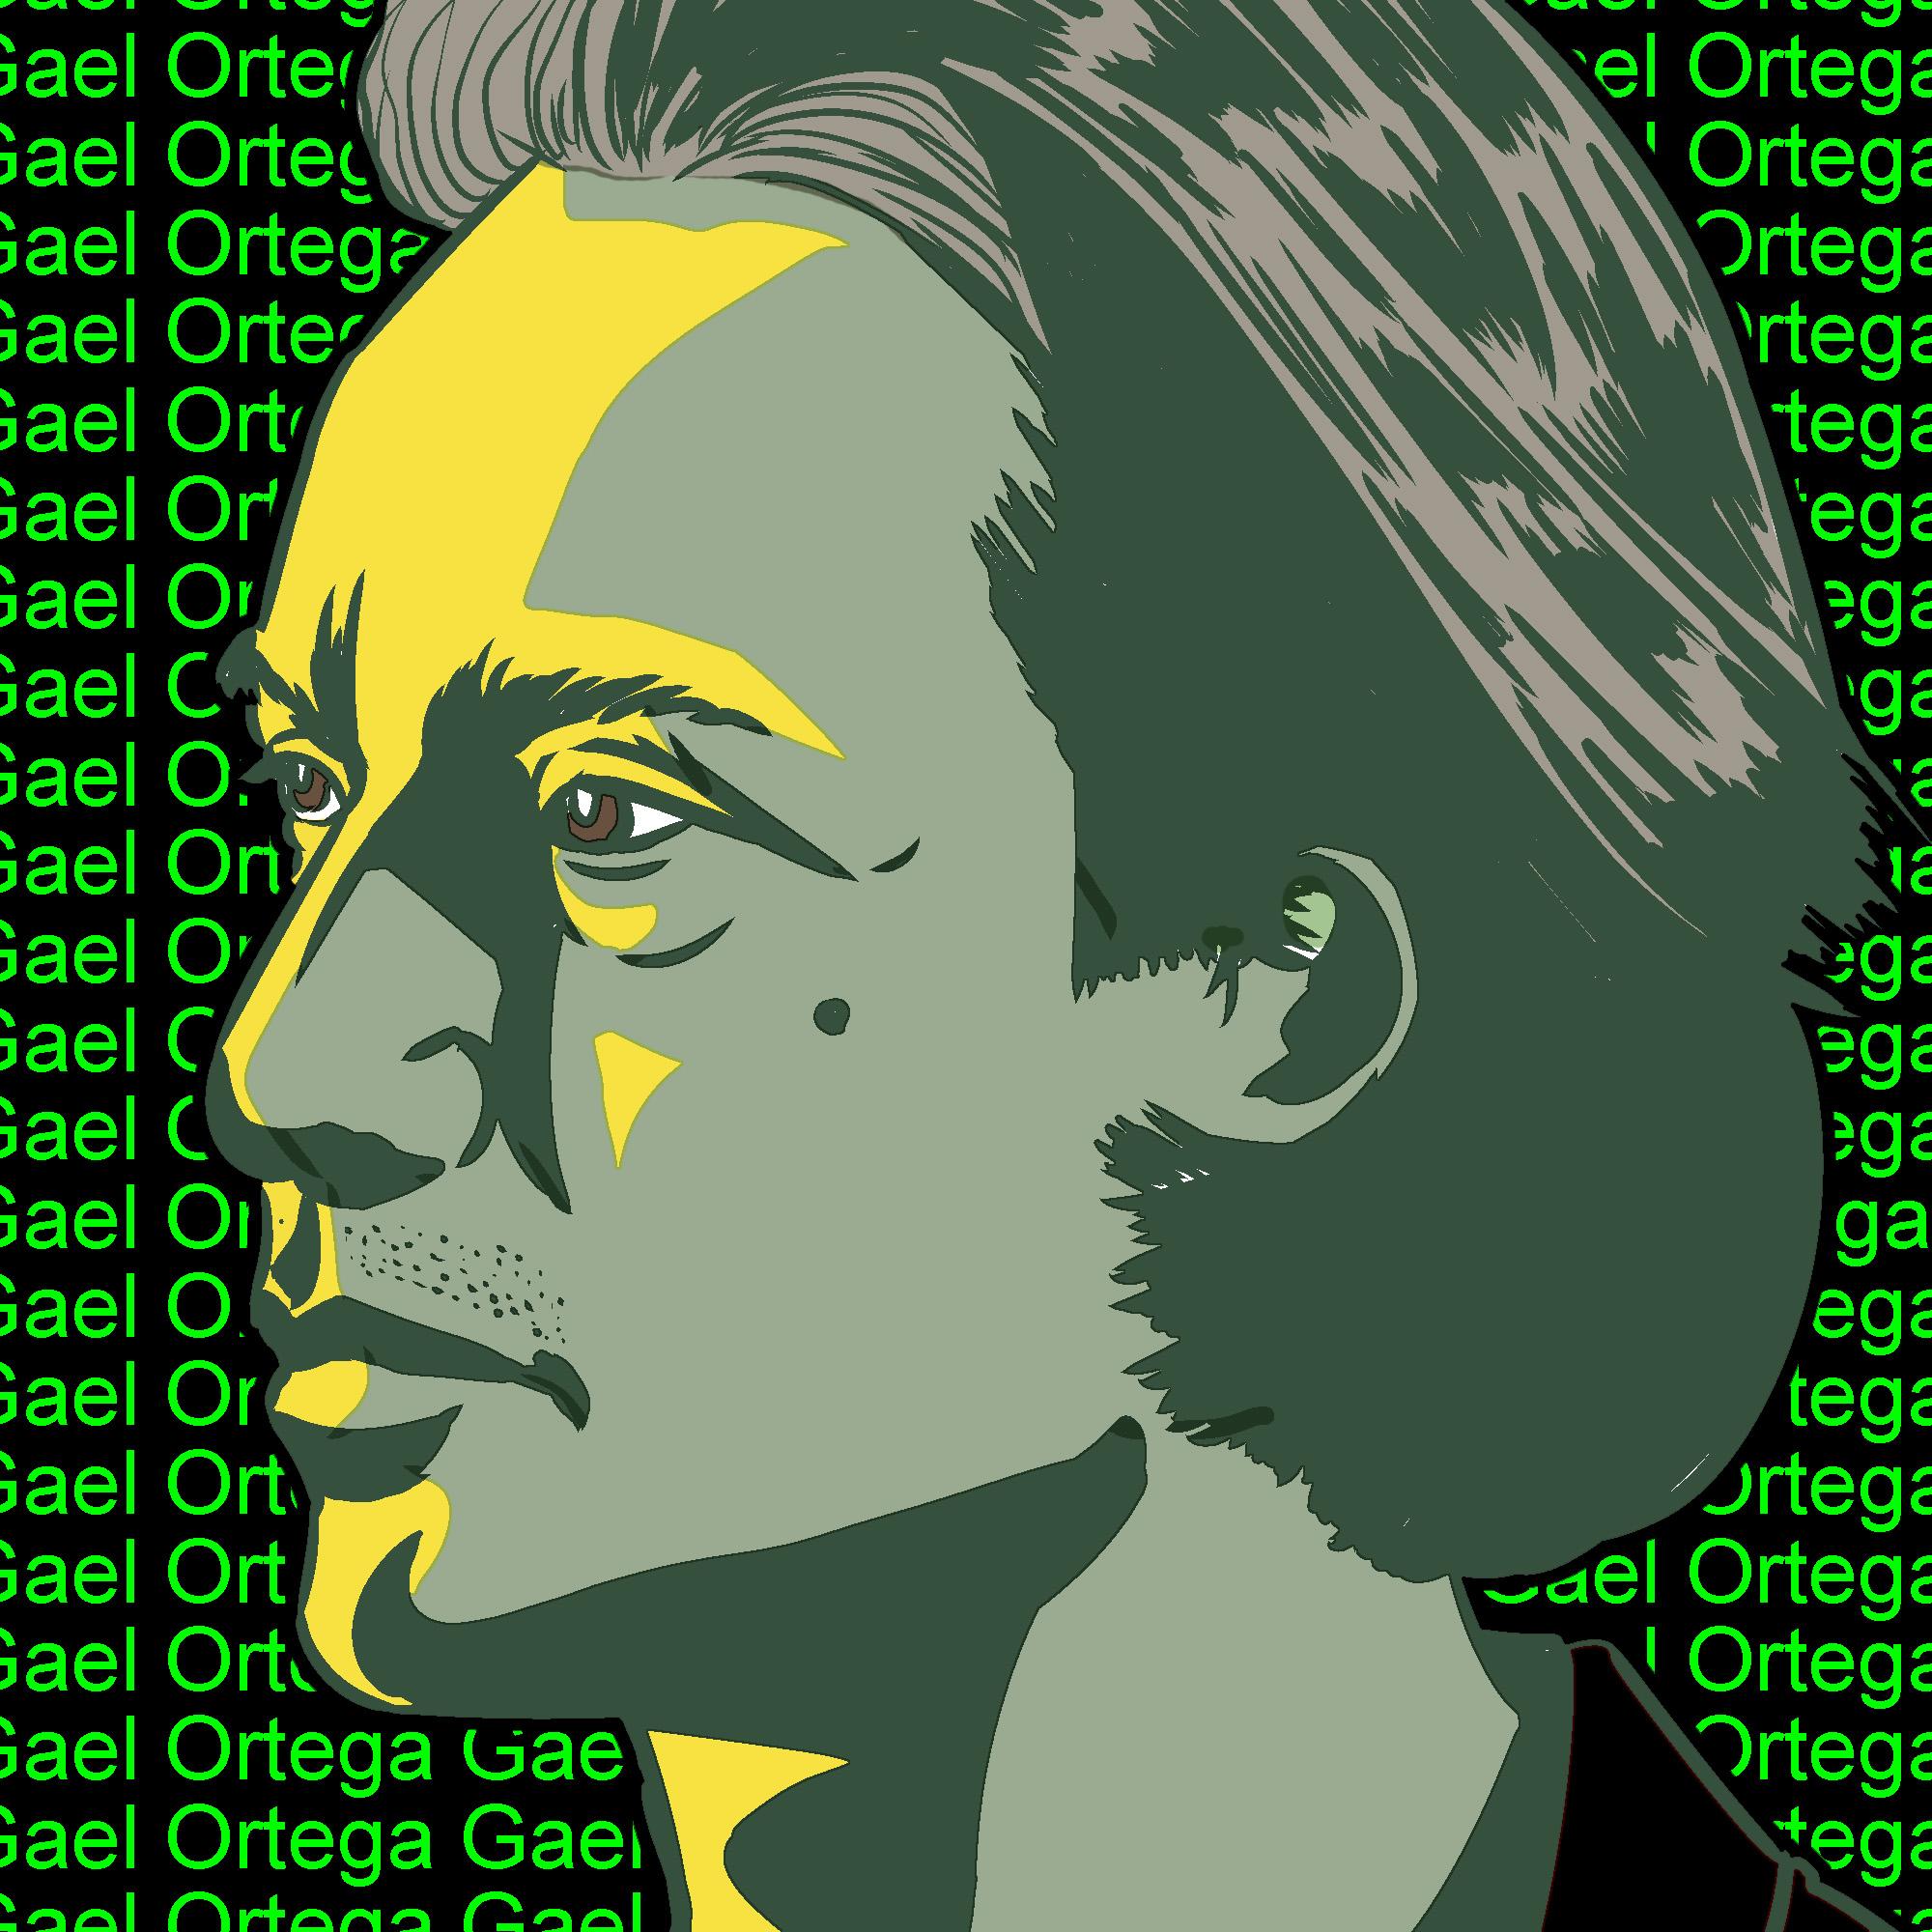 Gael Ortega